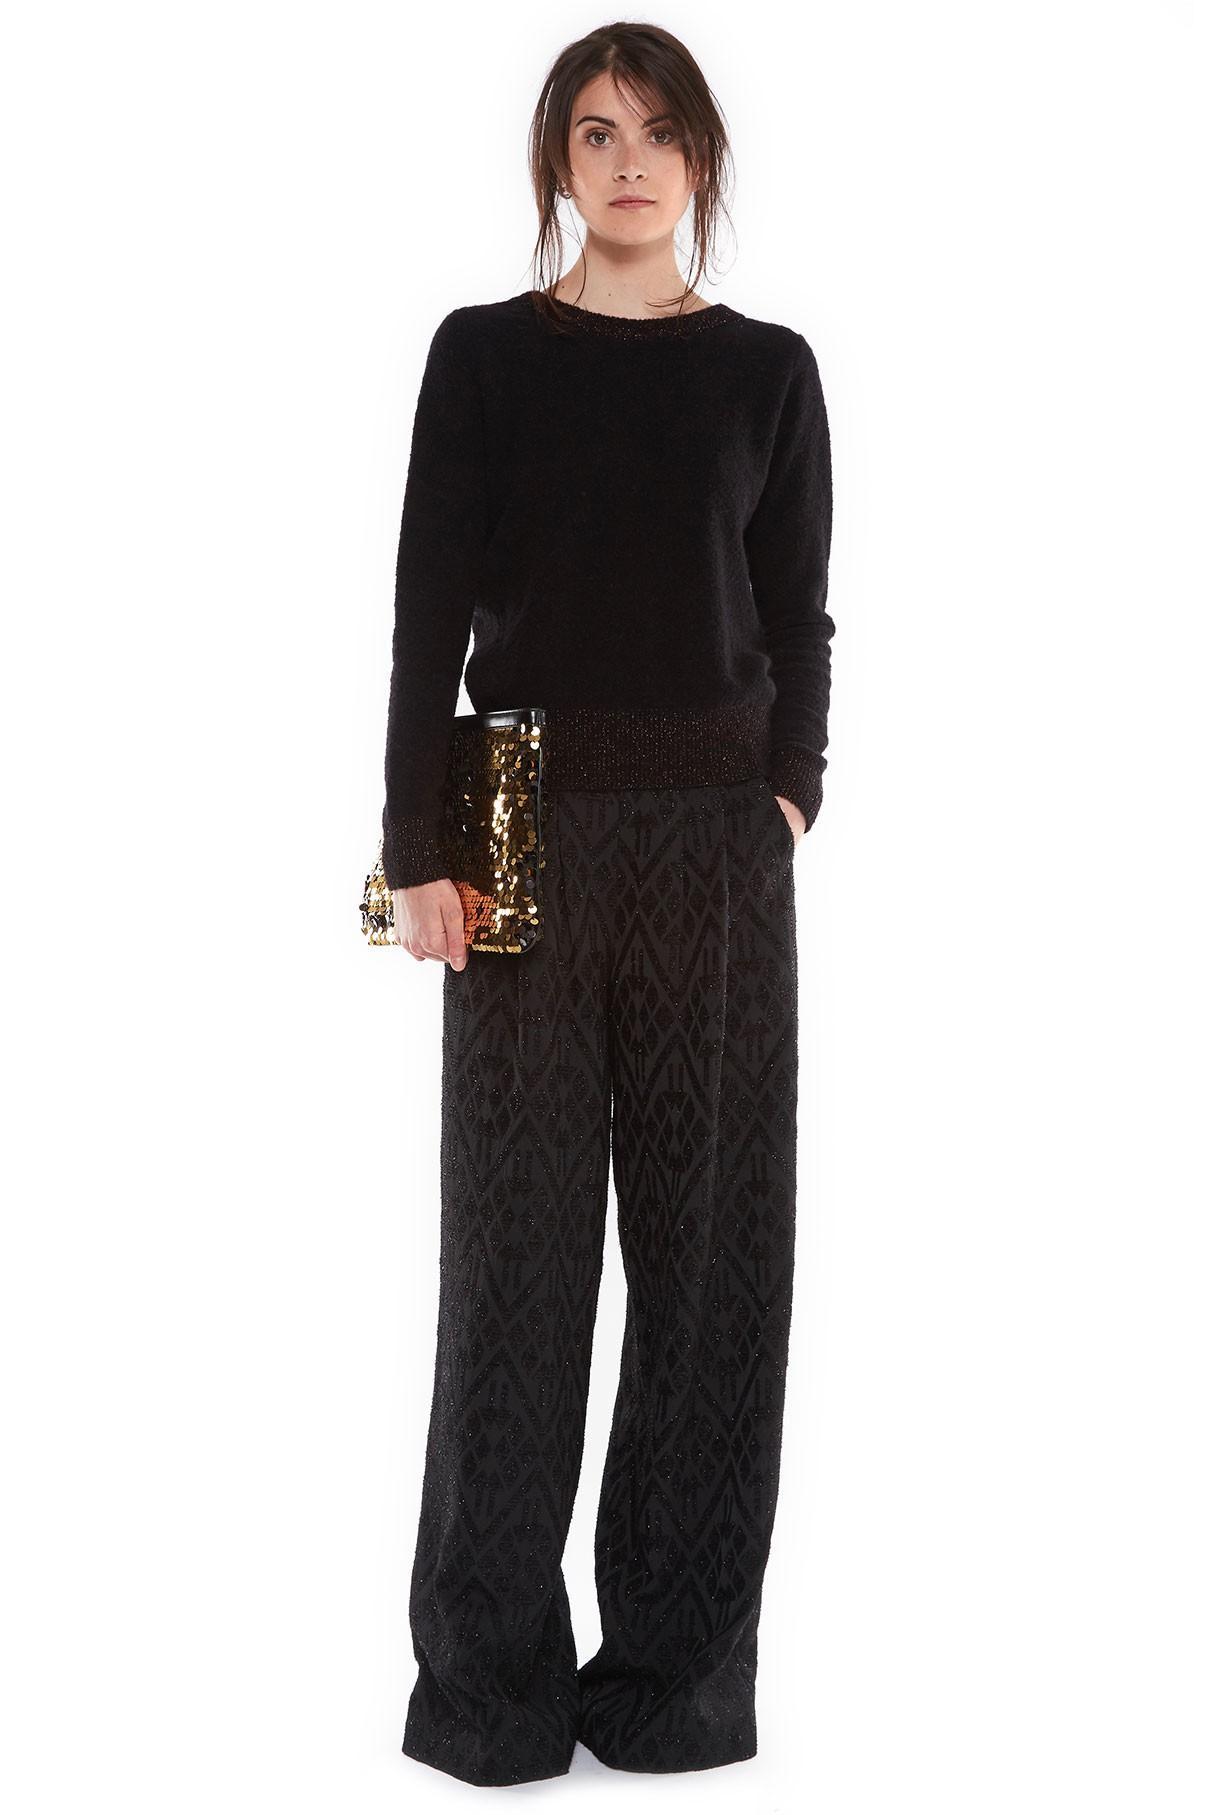 Vite, une tenue pour les fêtes - Scotch   Soda Robes, combinaisons,  ensembles... Vite, une tenue pour les fêtes - Rachel Antonoff ... a066694b1e63